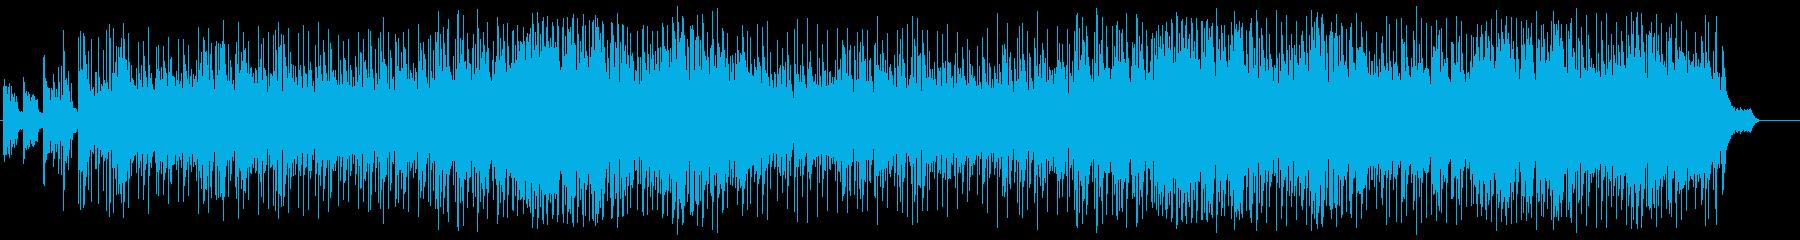 ブライダル 感動 切ない エンディングの再生済みの波形